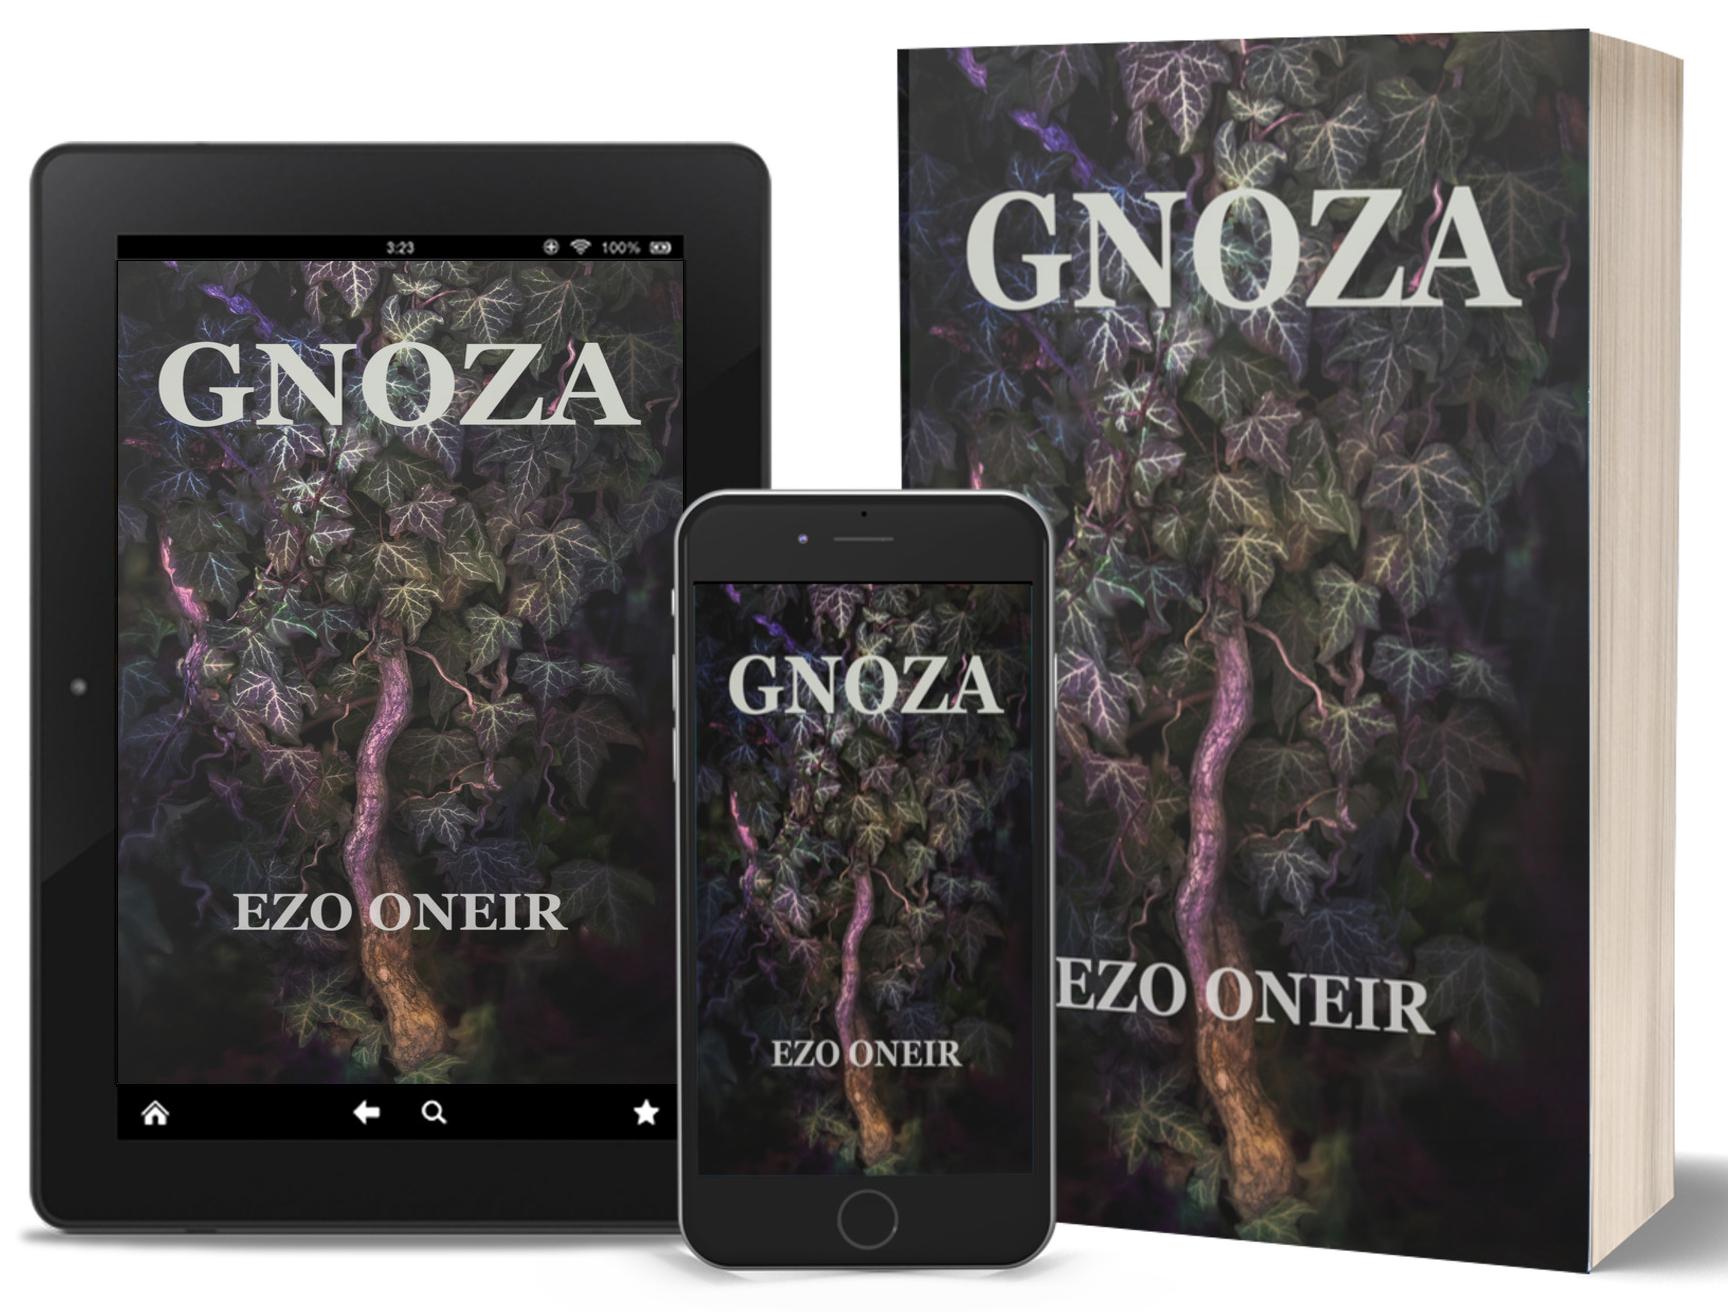 Ezo Oneir powieść dark fantasy. Fotografia poza rzeczywistością. Ivy. Wydawnictwo Ezo Oneir